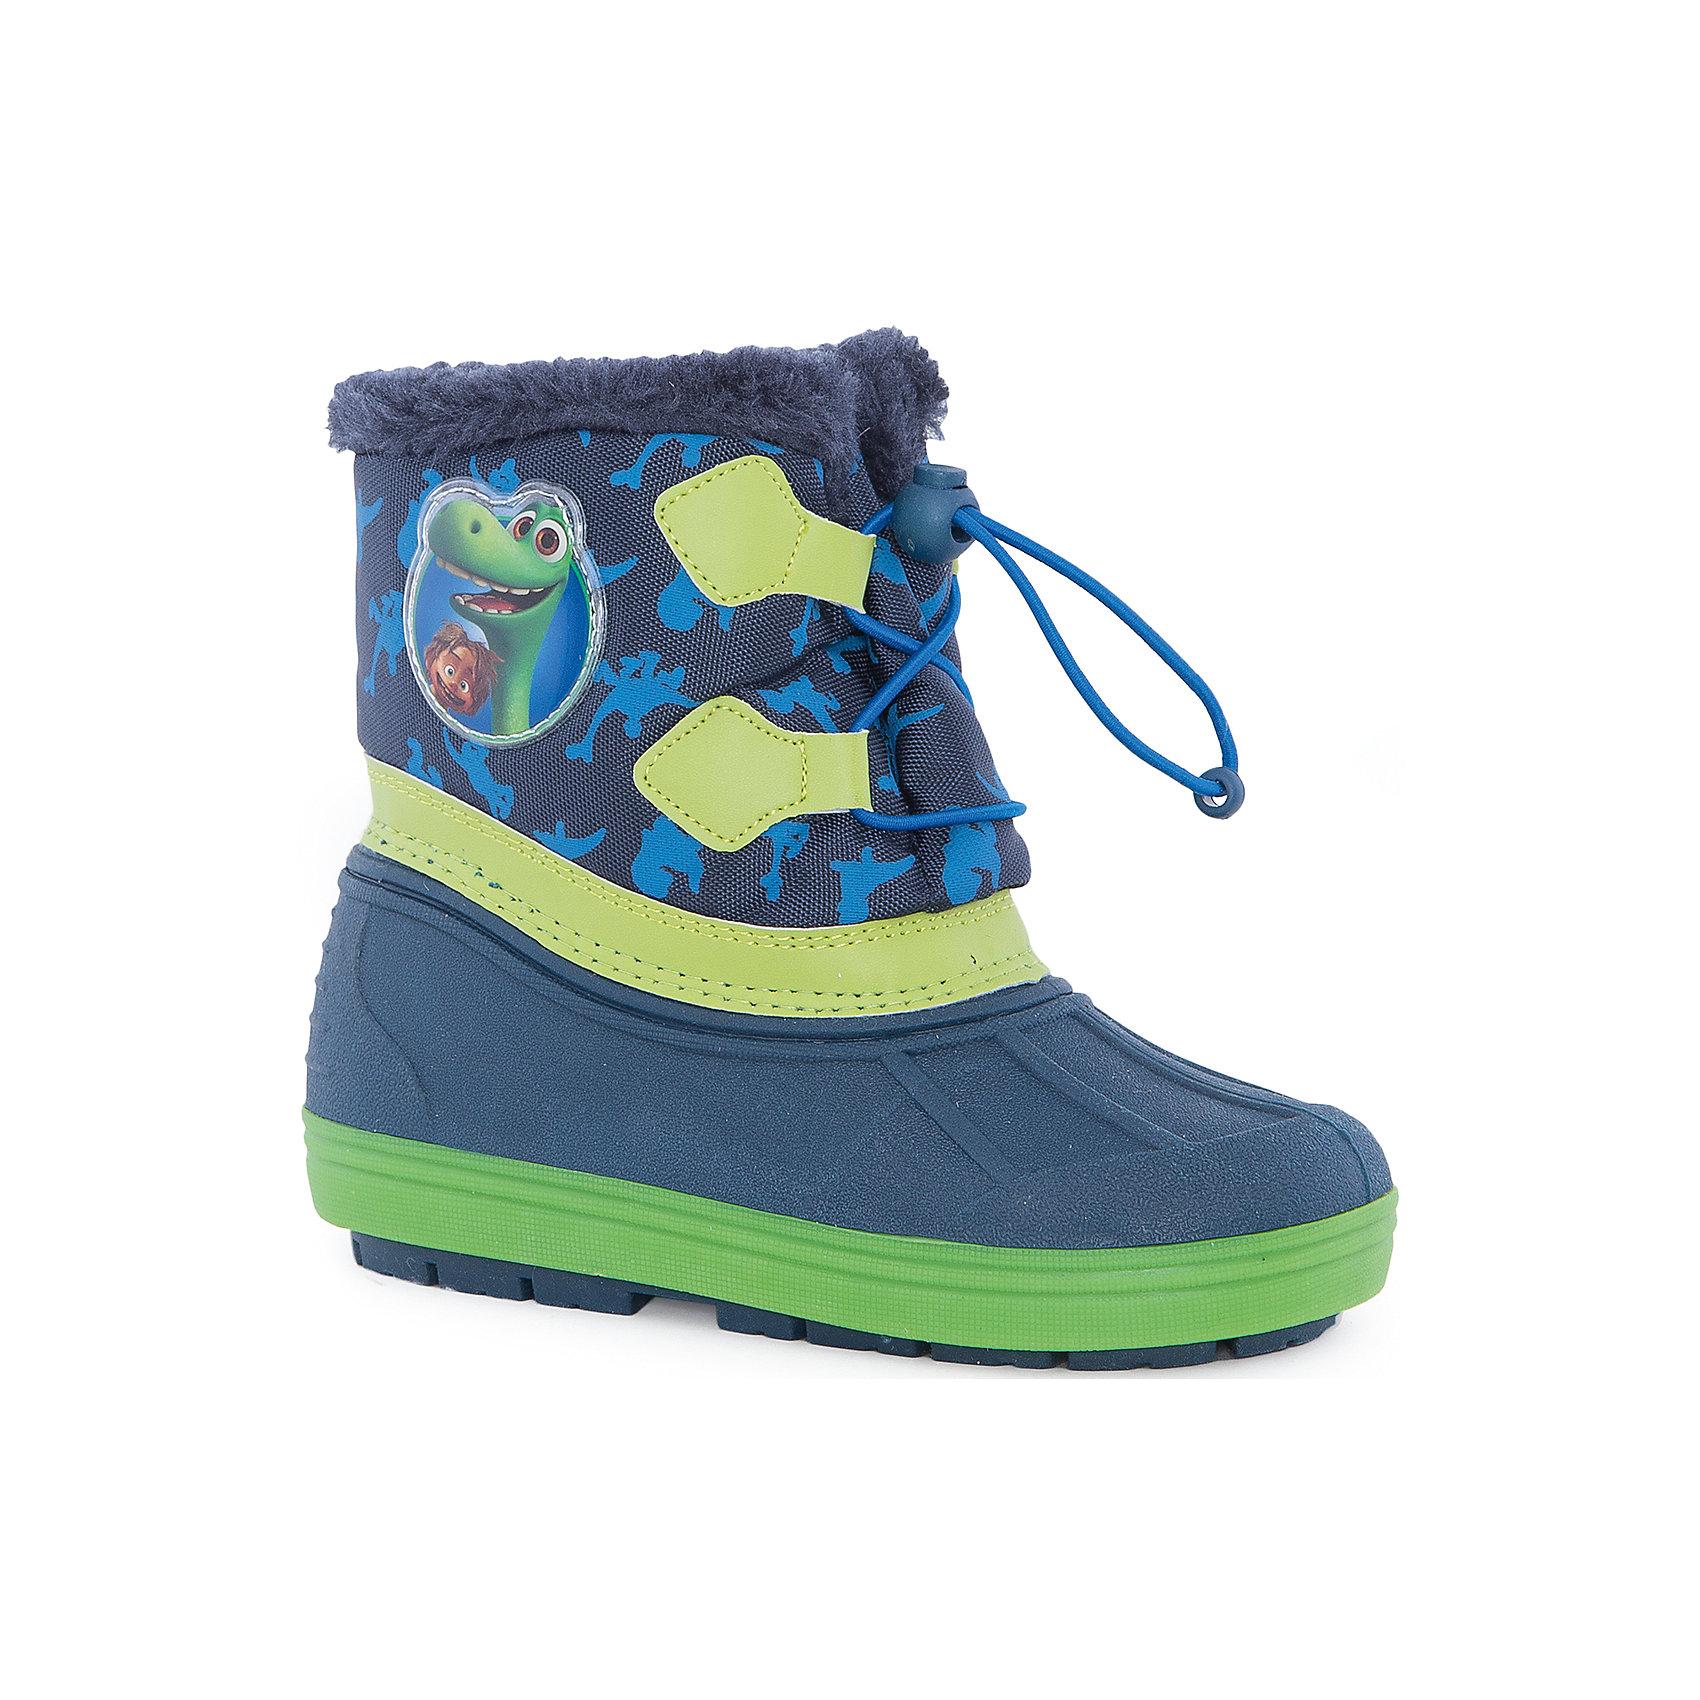 Сноубутсы Хороший динозавр для мальчика MursuОбувь<br>Сноубутсы для мальчика MURSU (Мурсу).<br><br>Характеристики:<br><br>• цвет: синий/зеленый<br>• температурный режим до -25С<br>• верхний материал: искуственные материалы, текстиль<br>• внутренний материал: натуральная шерсть, искусственый мех<br>• стелька: натуральная шерсть<br>• подошва: ТЭП<br>• утяжка по высоте сноубутсов<br>• сезон: зима<br><br>Сноубутсы MURSU созданы специально для любителей мультфильма Хороший Динозавр, ведь сбоку они украшены изображением веселых доисторических жителей. Меховая подкладка и стелька подарят комфорт и тепло во время прогулки. Модель имеет рифленую устойчивую подошву и меховой выступ по верху. Спереди сноубутсы утягиваются по толщине ноги. Прекрасный выбор для любителей длительных прогулок!<br><br>Сноубутсы для мальчика MURSU (Мурсу) вы можете приобрести в нашем интернет-магазине.<br><br>Ширина мм: 262<br>Глубина мм: 176<br>Высота мм: 97<br>Вес г: 427<br>Цвет: синий<br>Возраст от месяцев: 84<br>Возраст до месяцев: 96<br>Пол: Мужской<br>Возраст: Детский<br>Размер: 31,24,30,27,28,25,26,29,32<br>SKU: 4861742